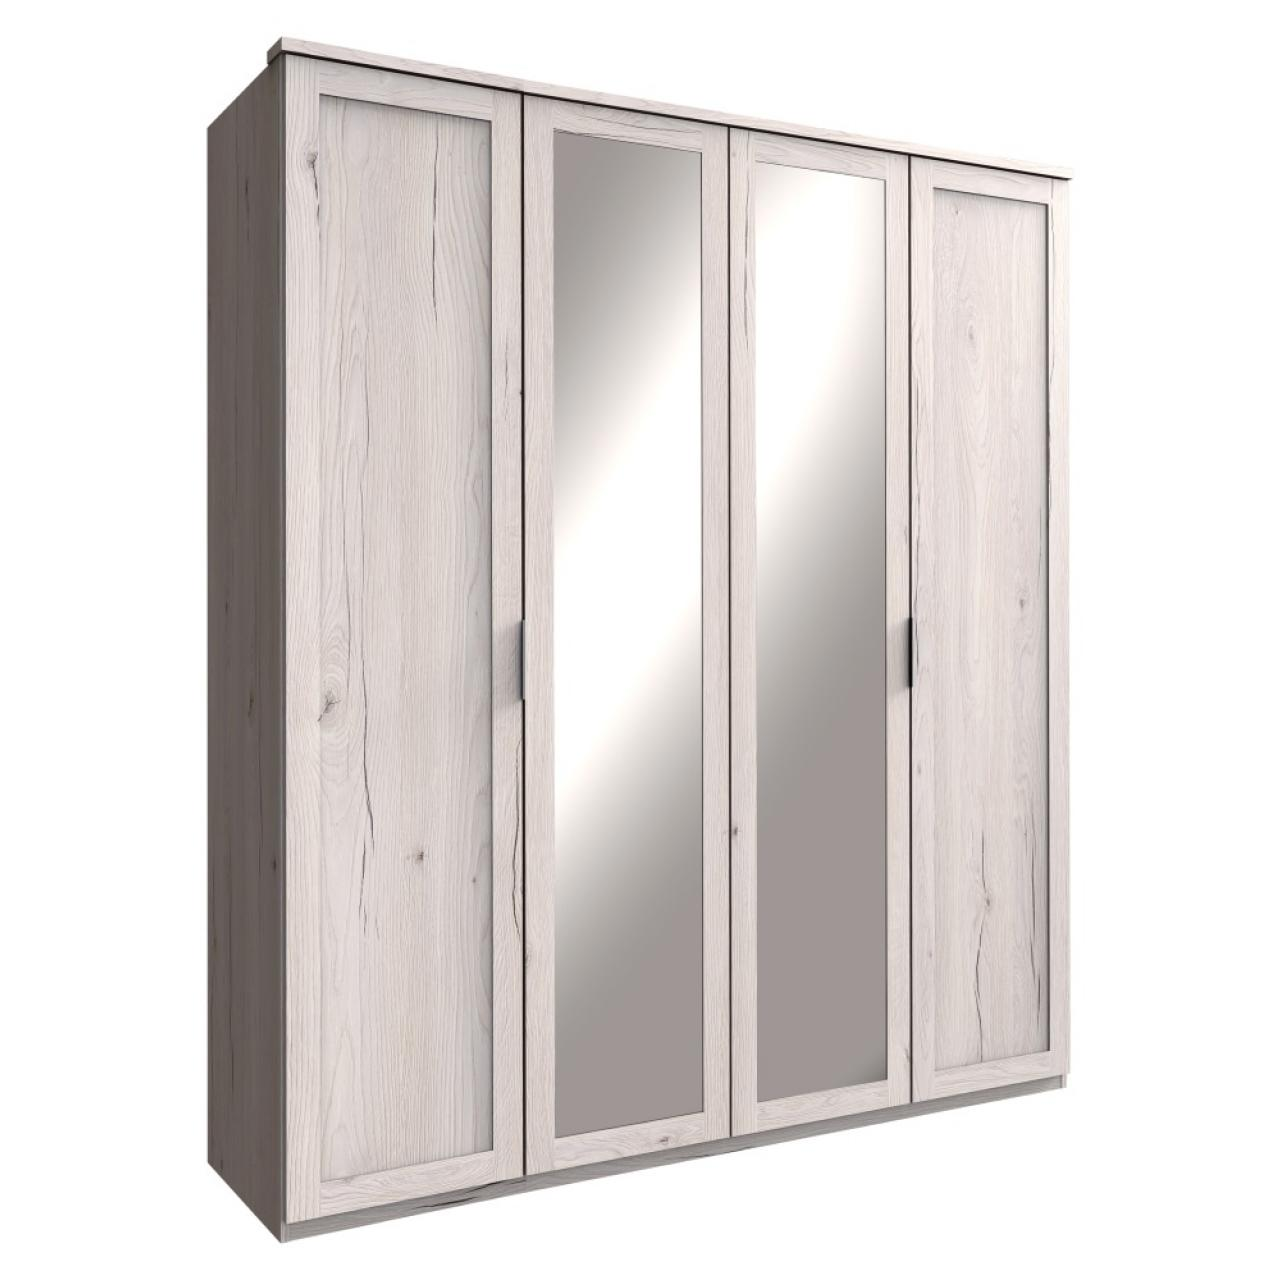 kleiderschr nke auf rechnung kaufen rei verschluss bettw sche einf deln schlafzimmer. Black Bedroom Furniture Sets. Home Design Ideas